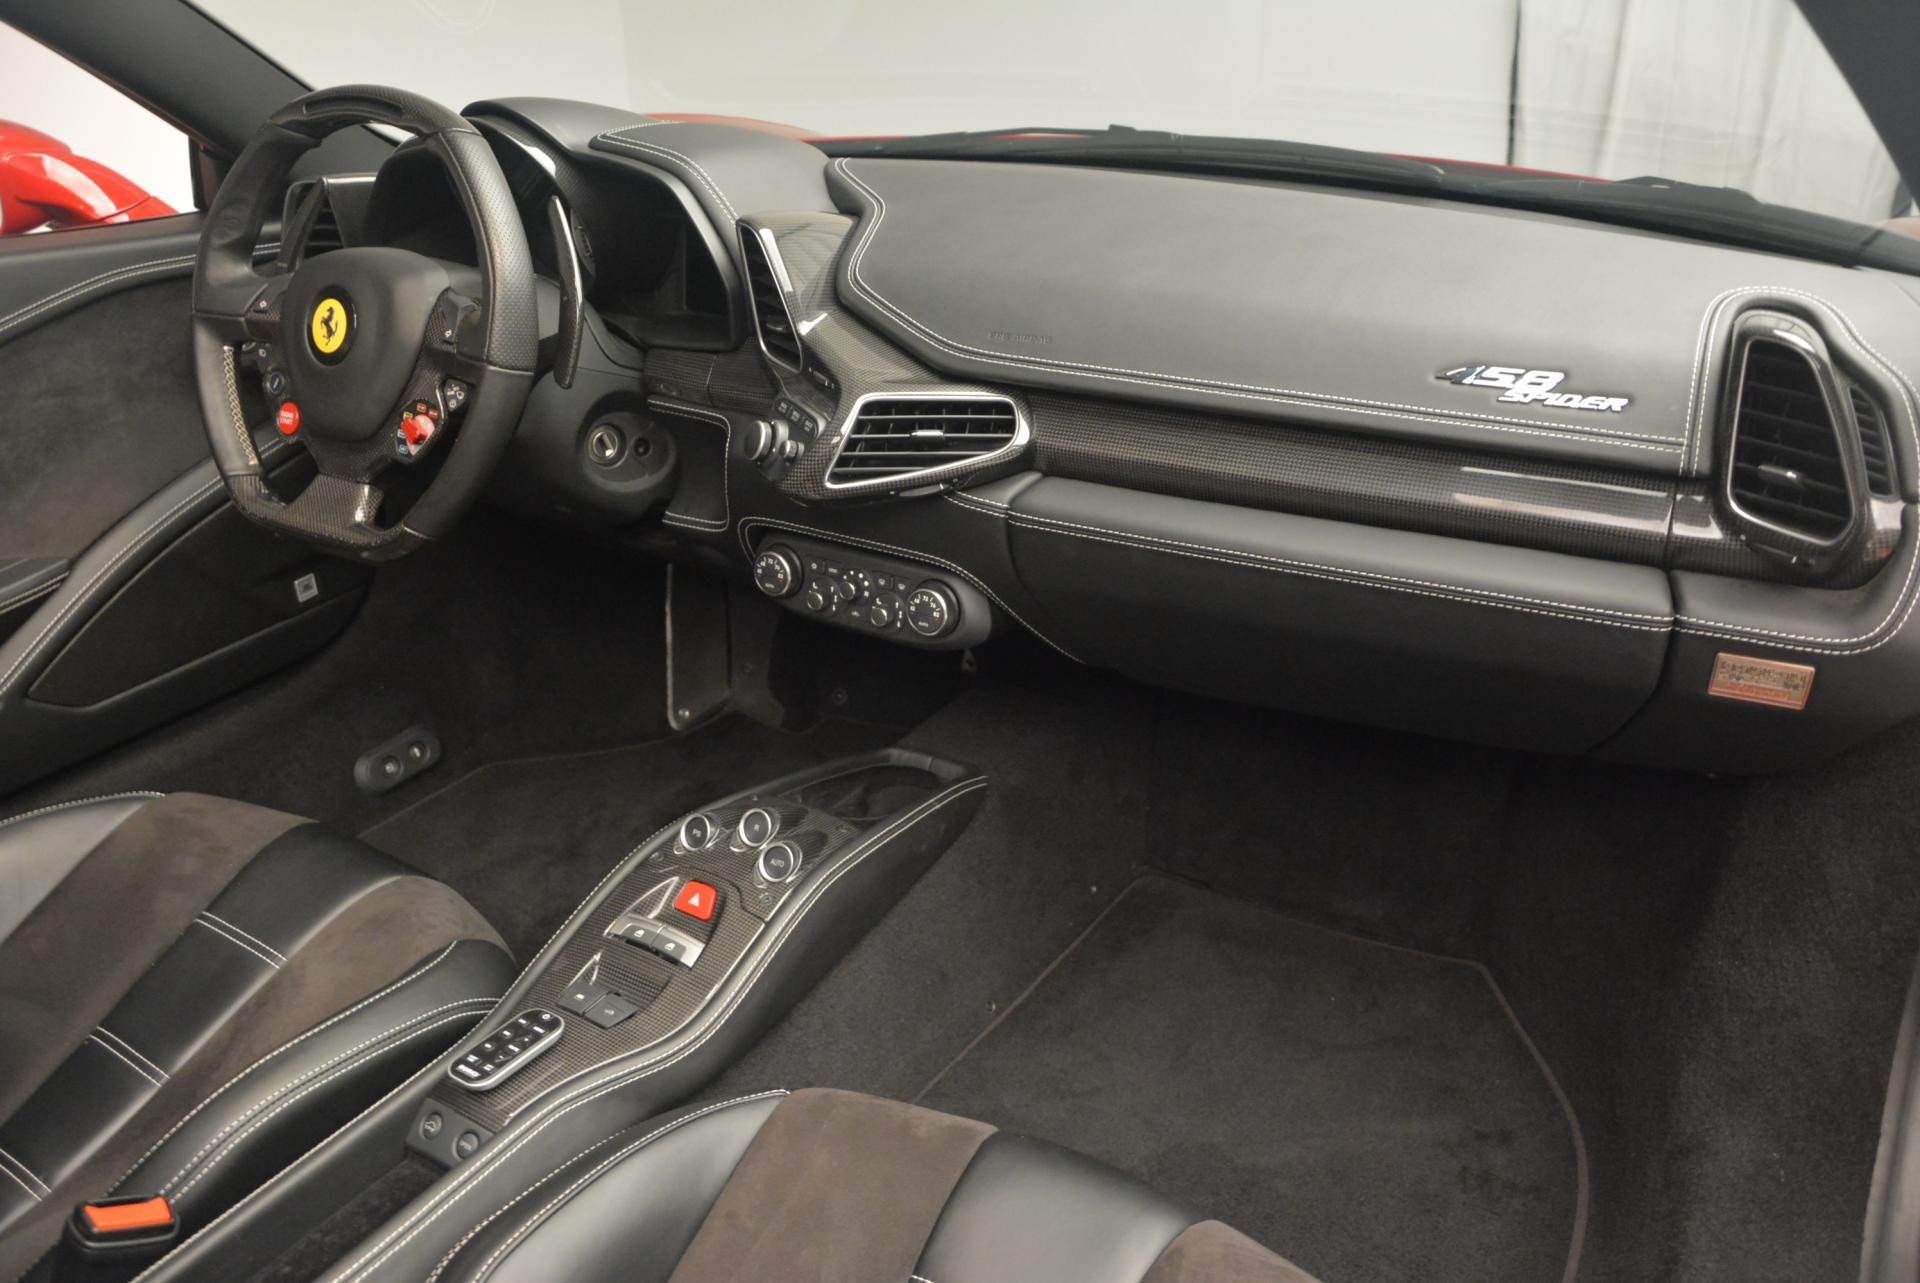 Used 2013 Ferrari 458 Spider  For Sale In Greenwich, CT. Alfa Romeo of Greenwich, 4322 136_p29